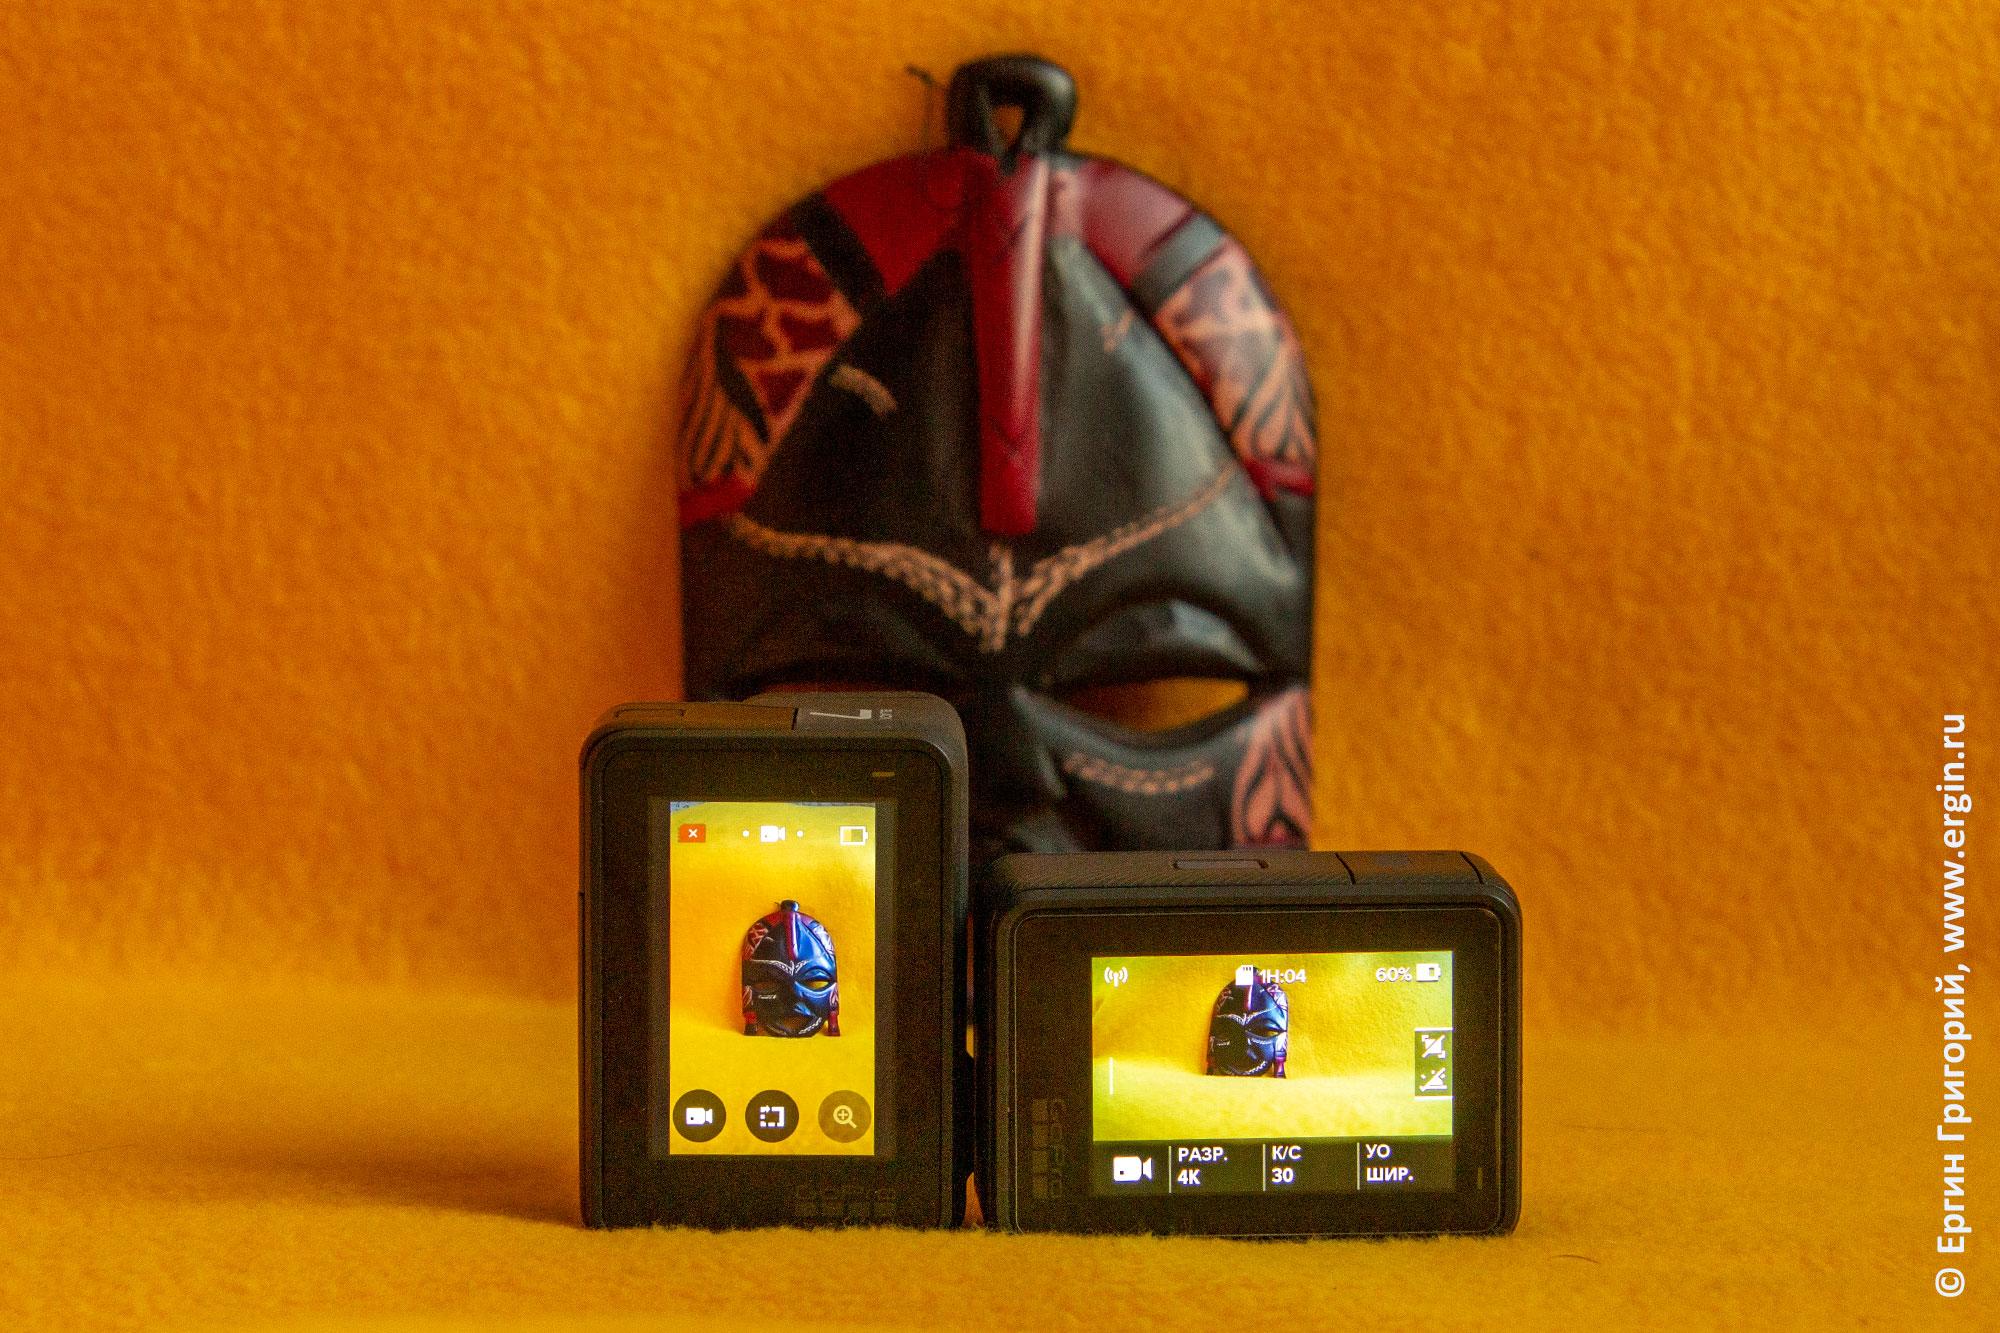 GoPro Hero 7 black вертикальная ориентация и улучшенные цвета